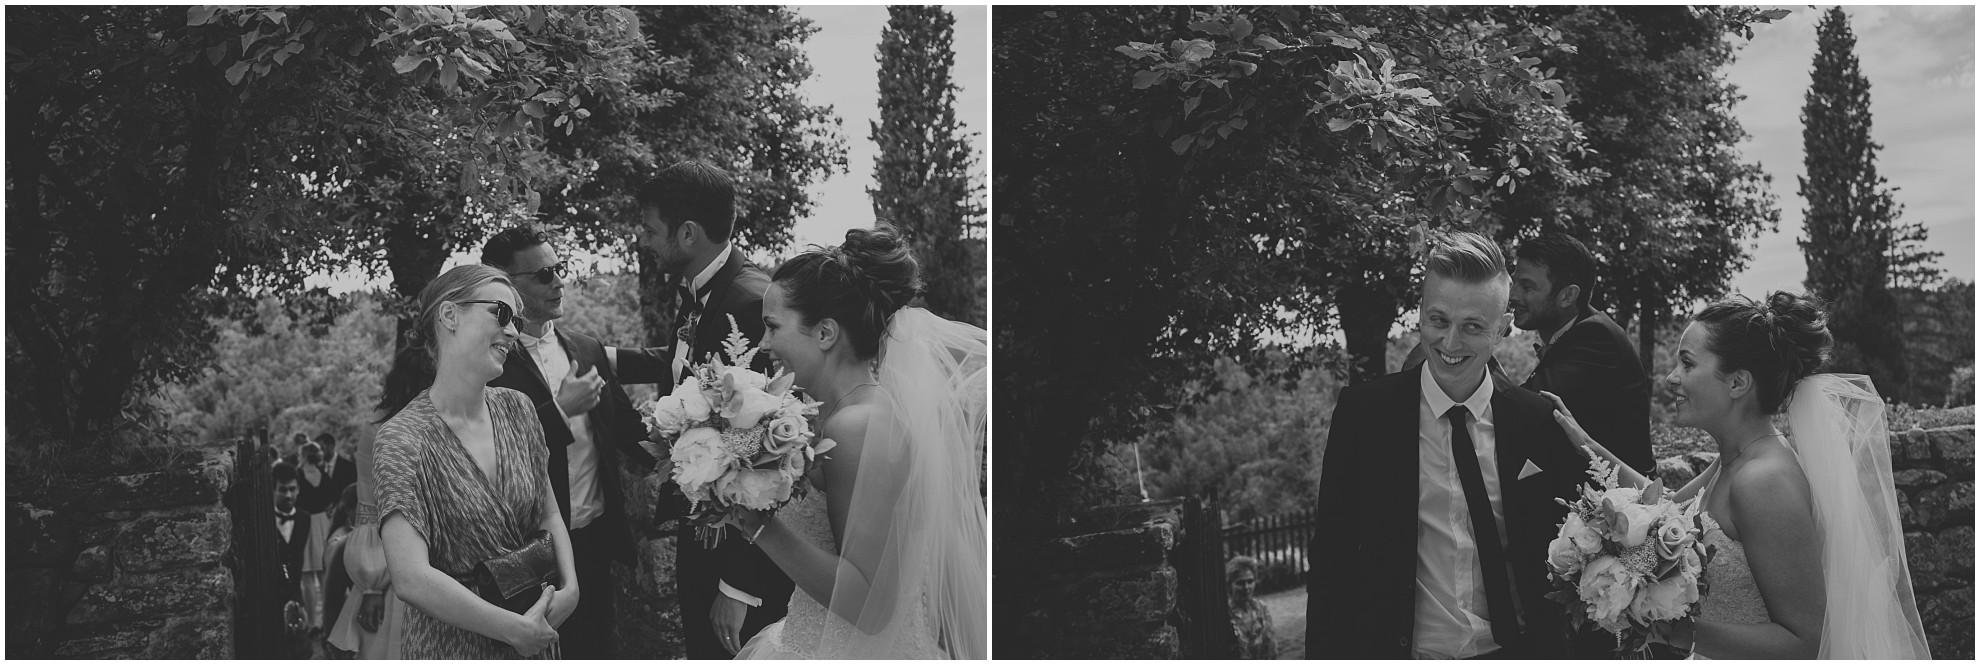 tuscany-wedding-photographer-045